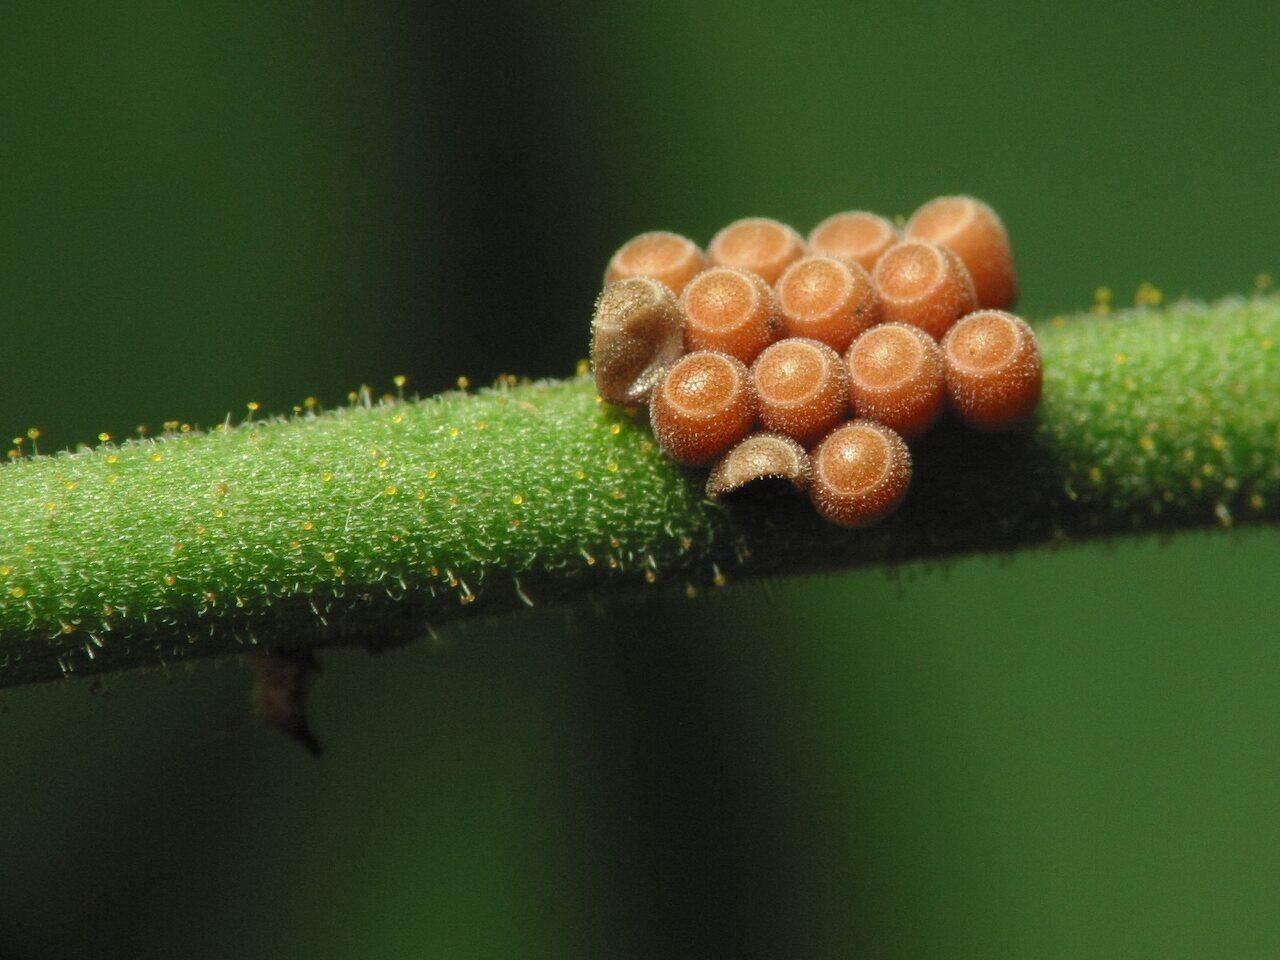 Heteroptera-eggs-3113.jpg